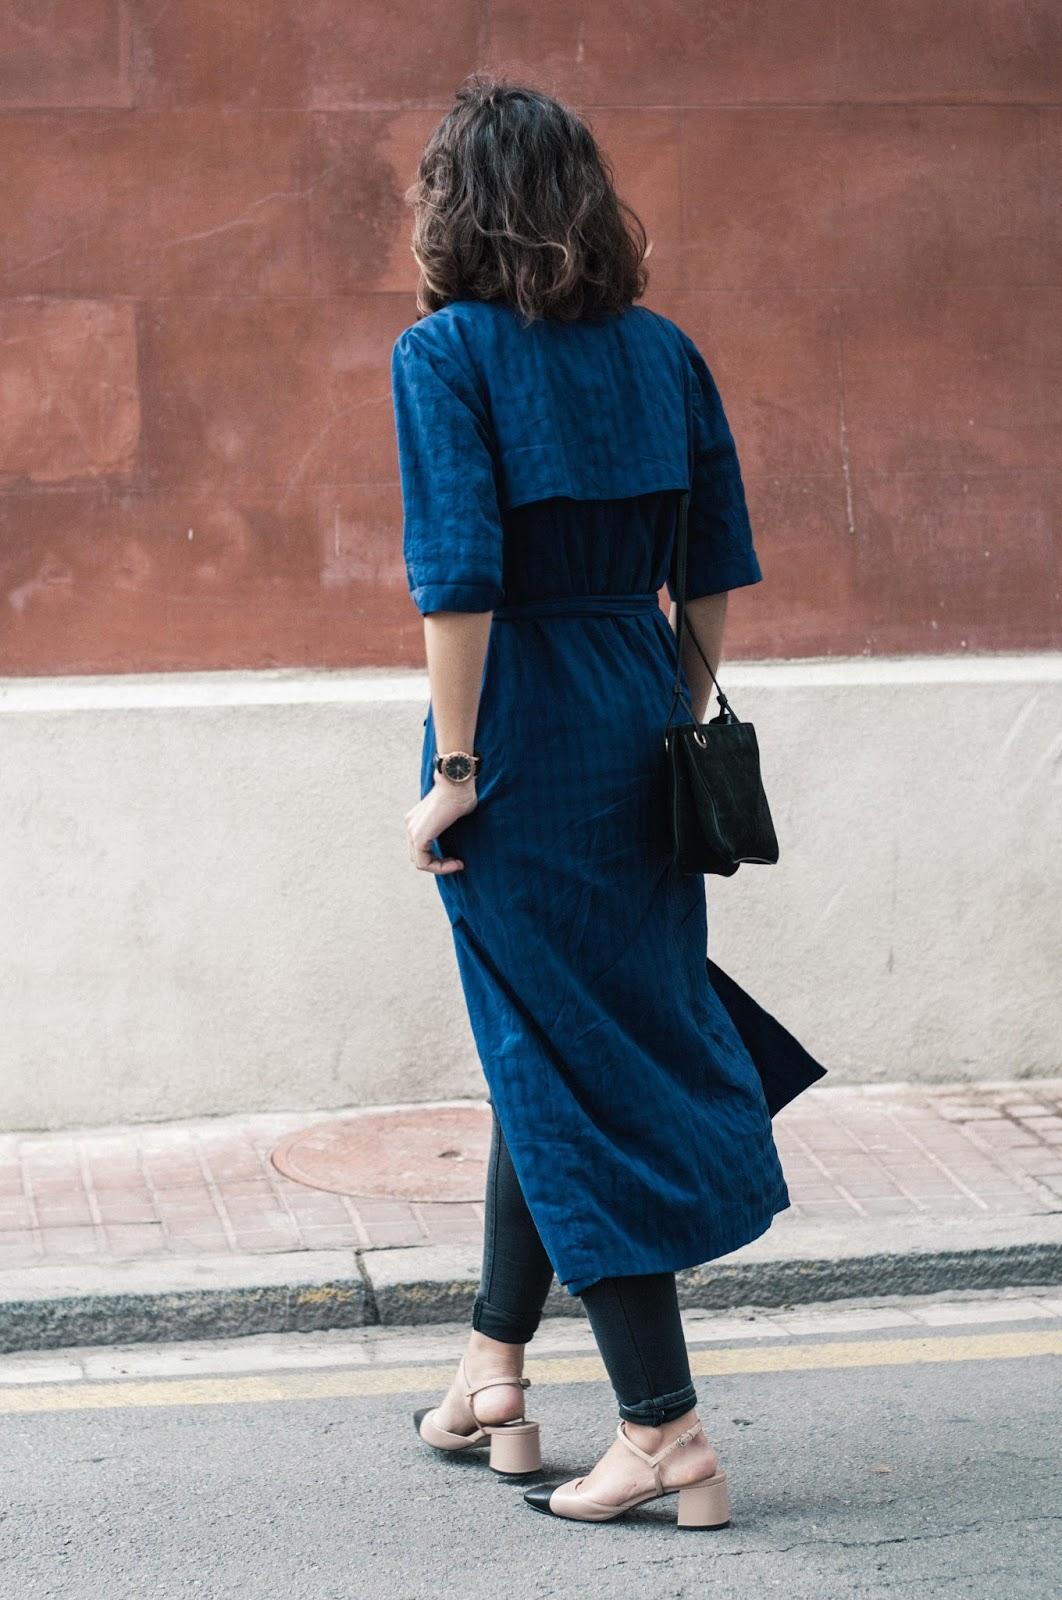 Vestido Zara, Zapatos Uterque, bolso & Other Stories